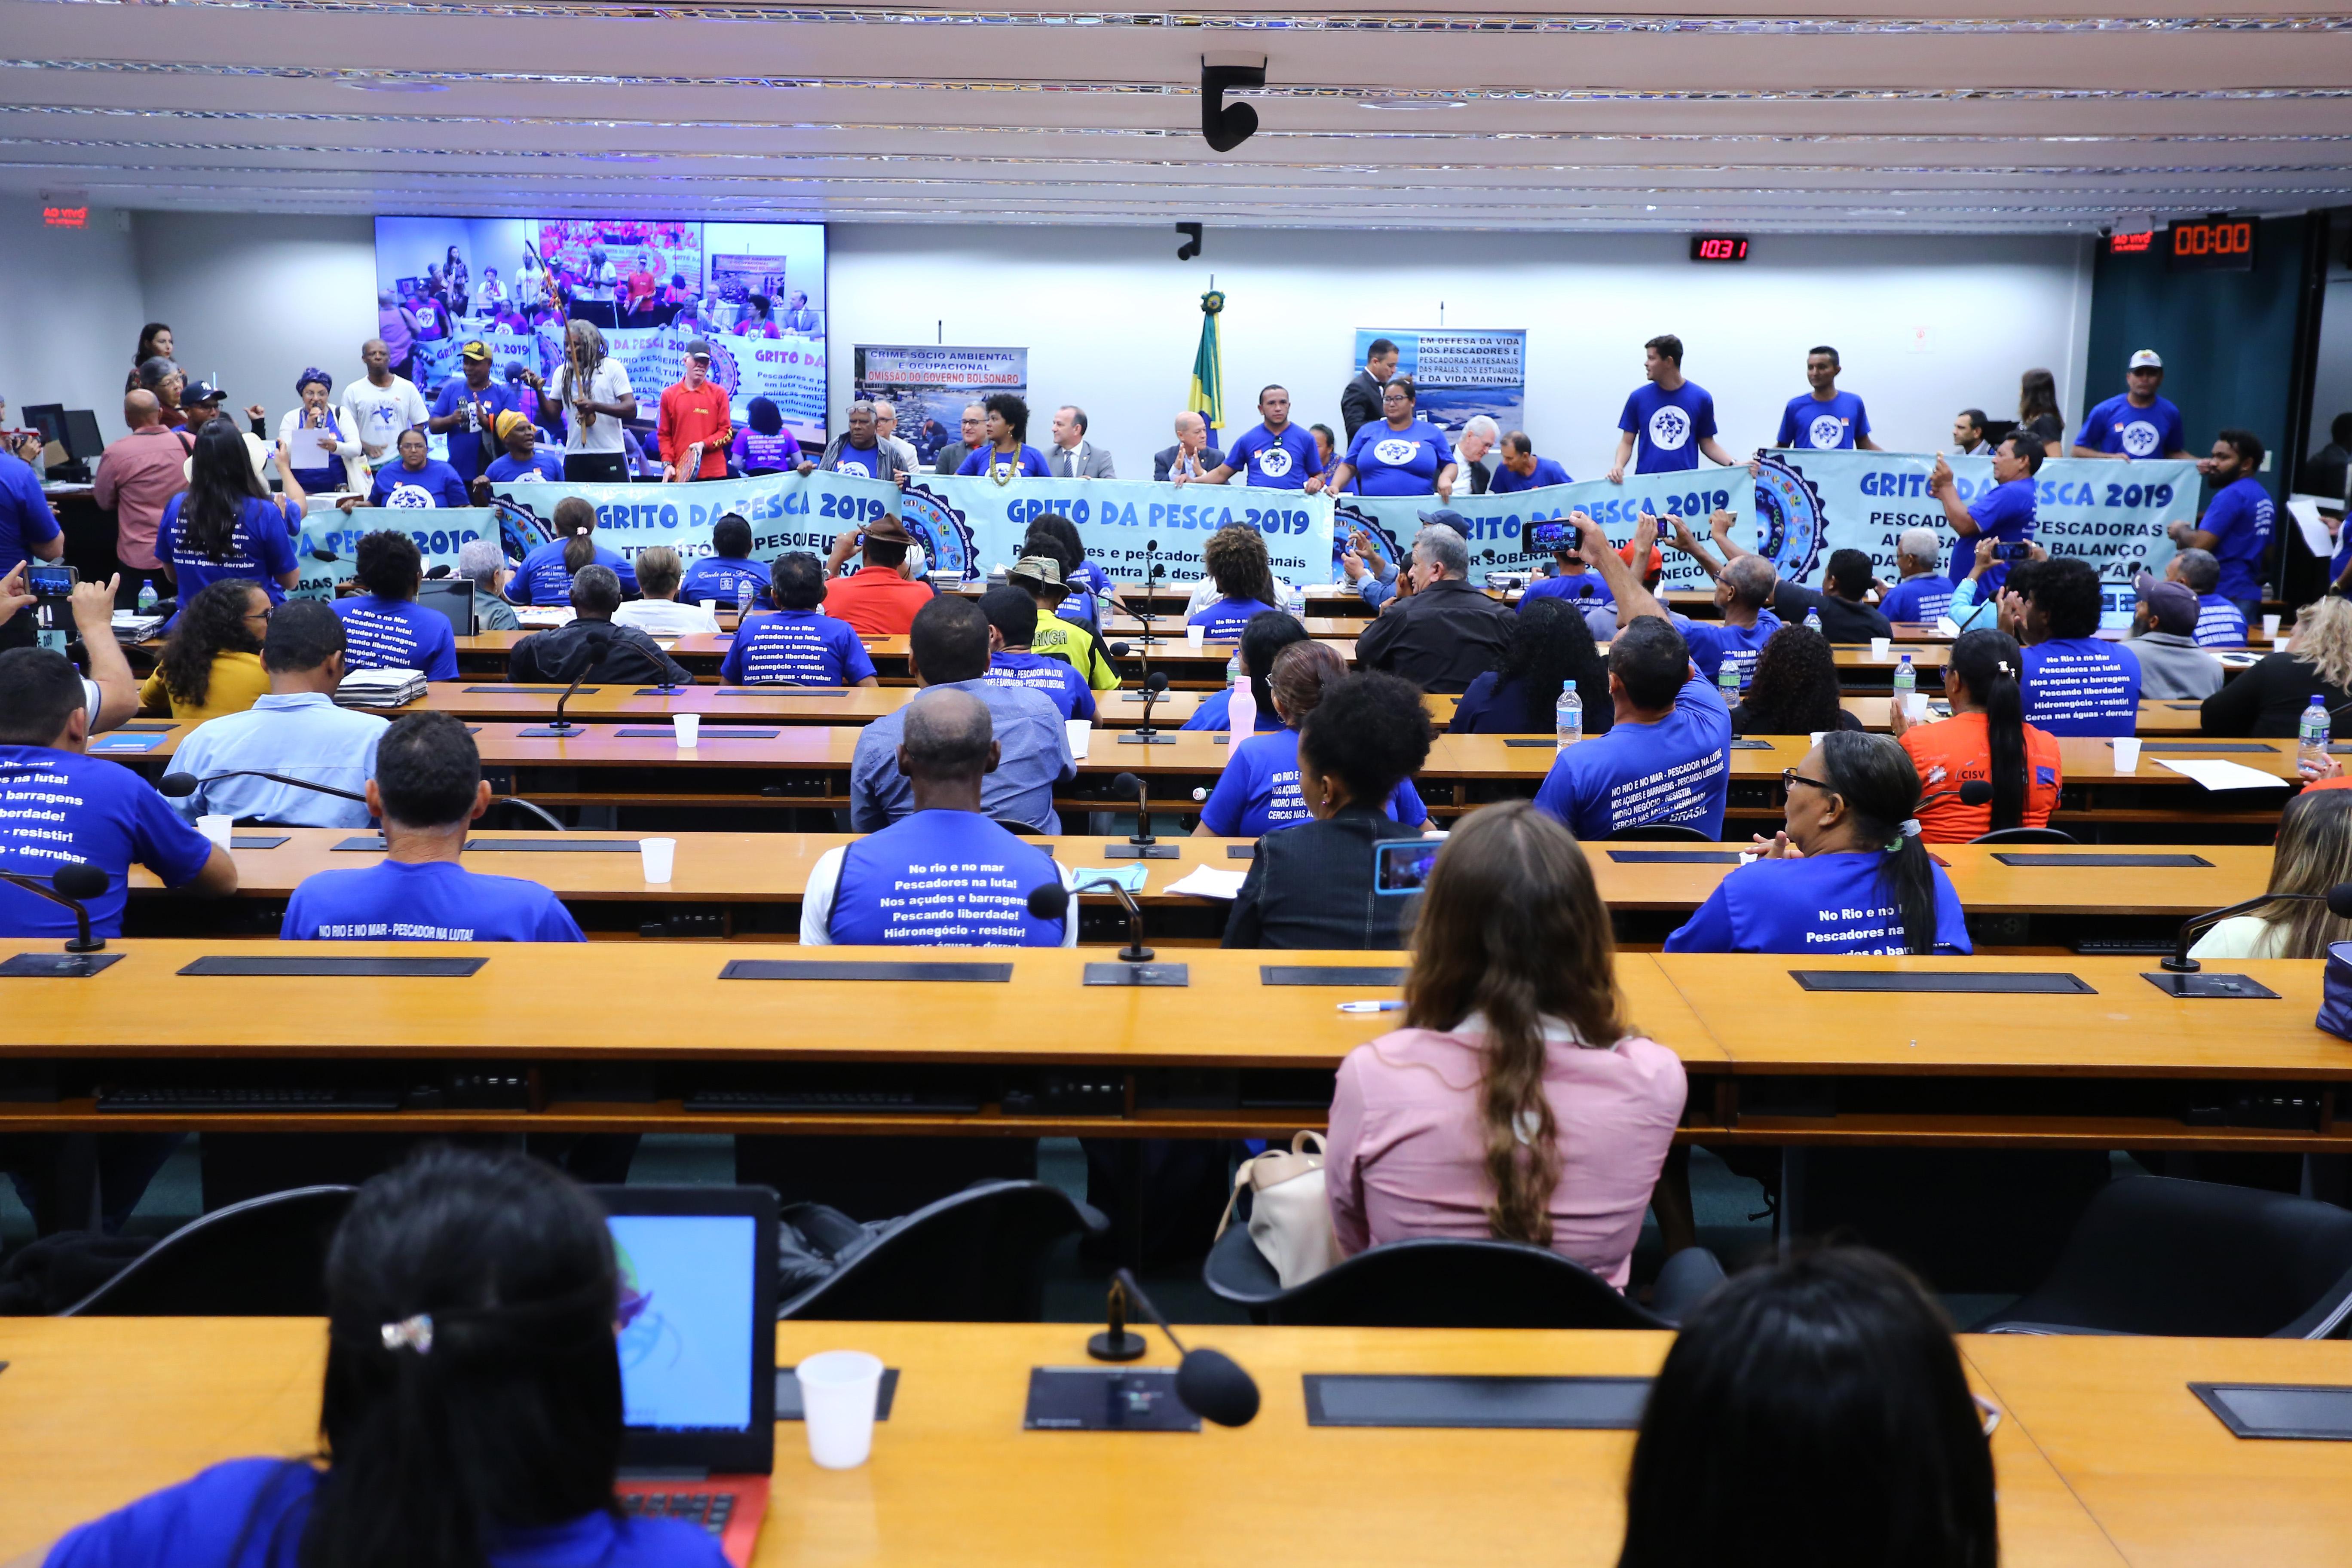 Audiência Pública Extraordinária - Tema: Comemoração ao Dia Nacional de Luta pela Pesca Artesanal